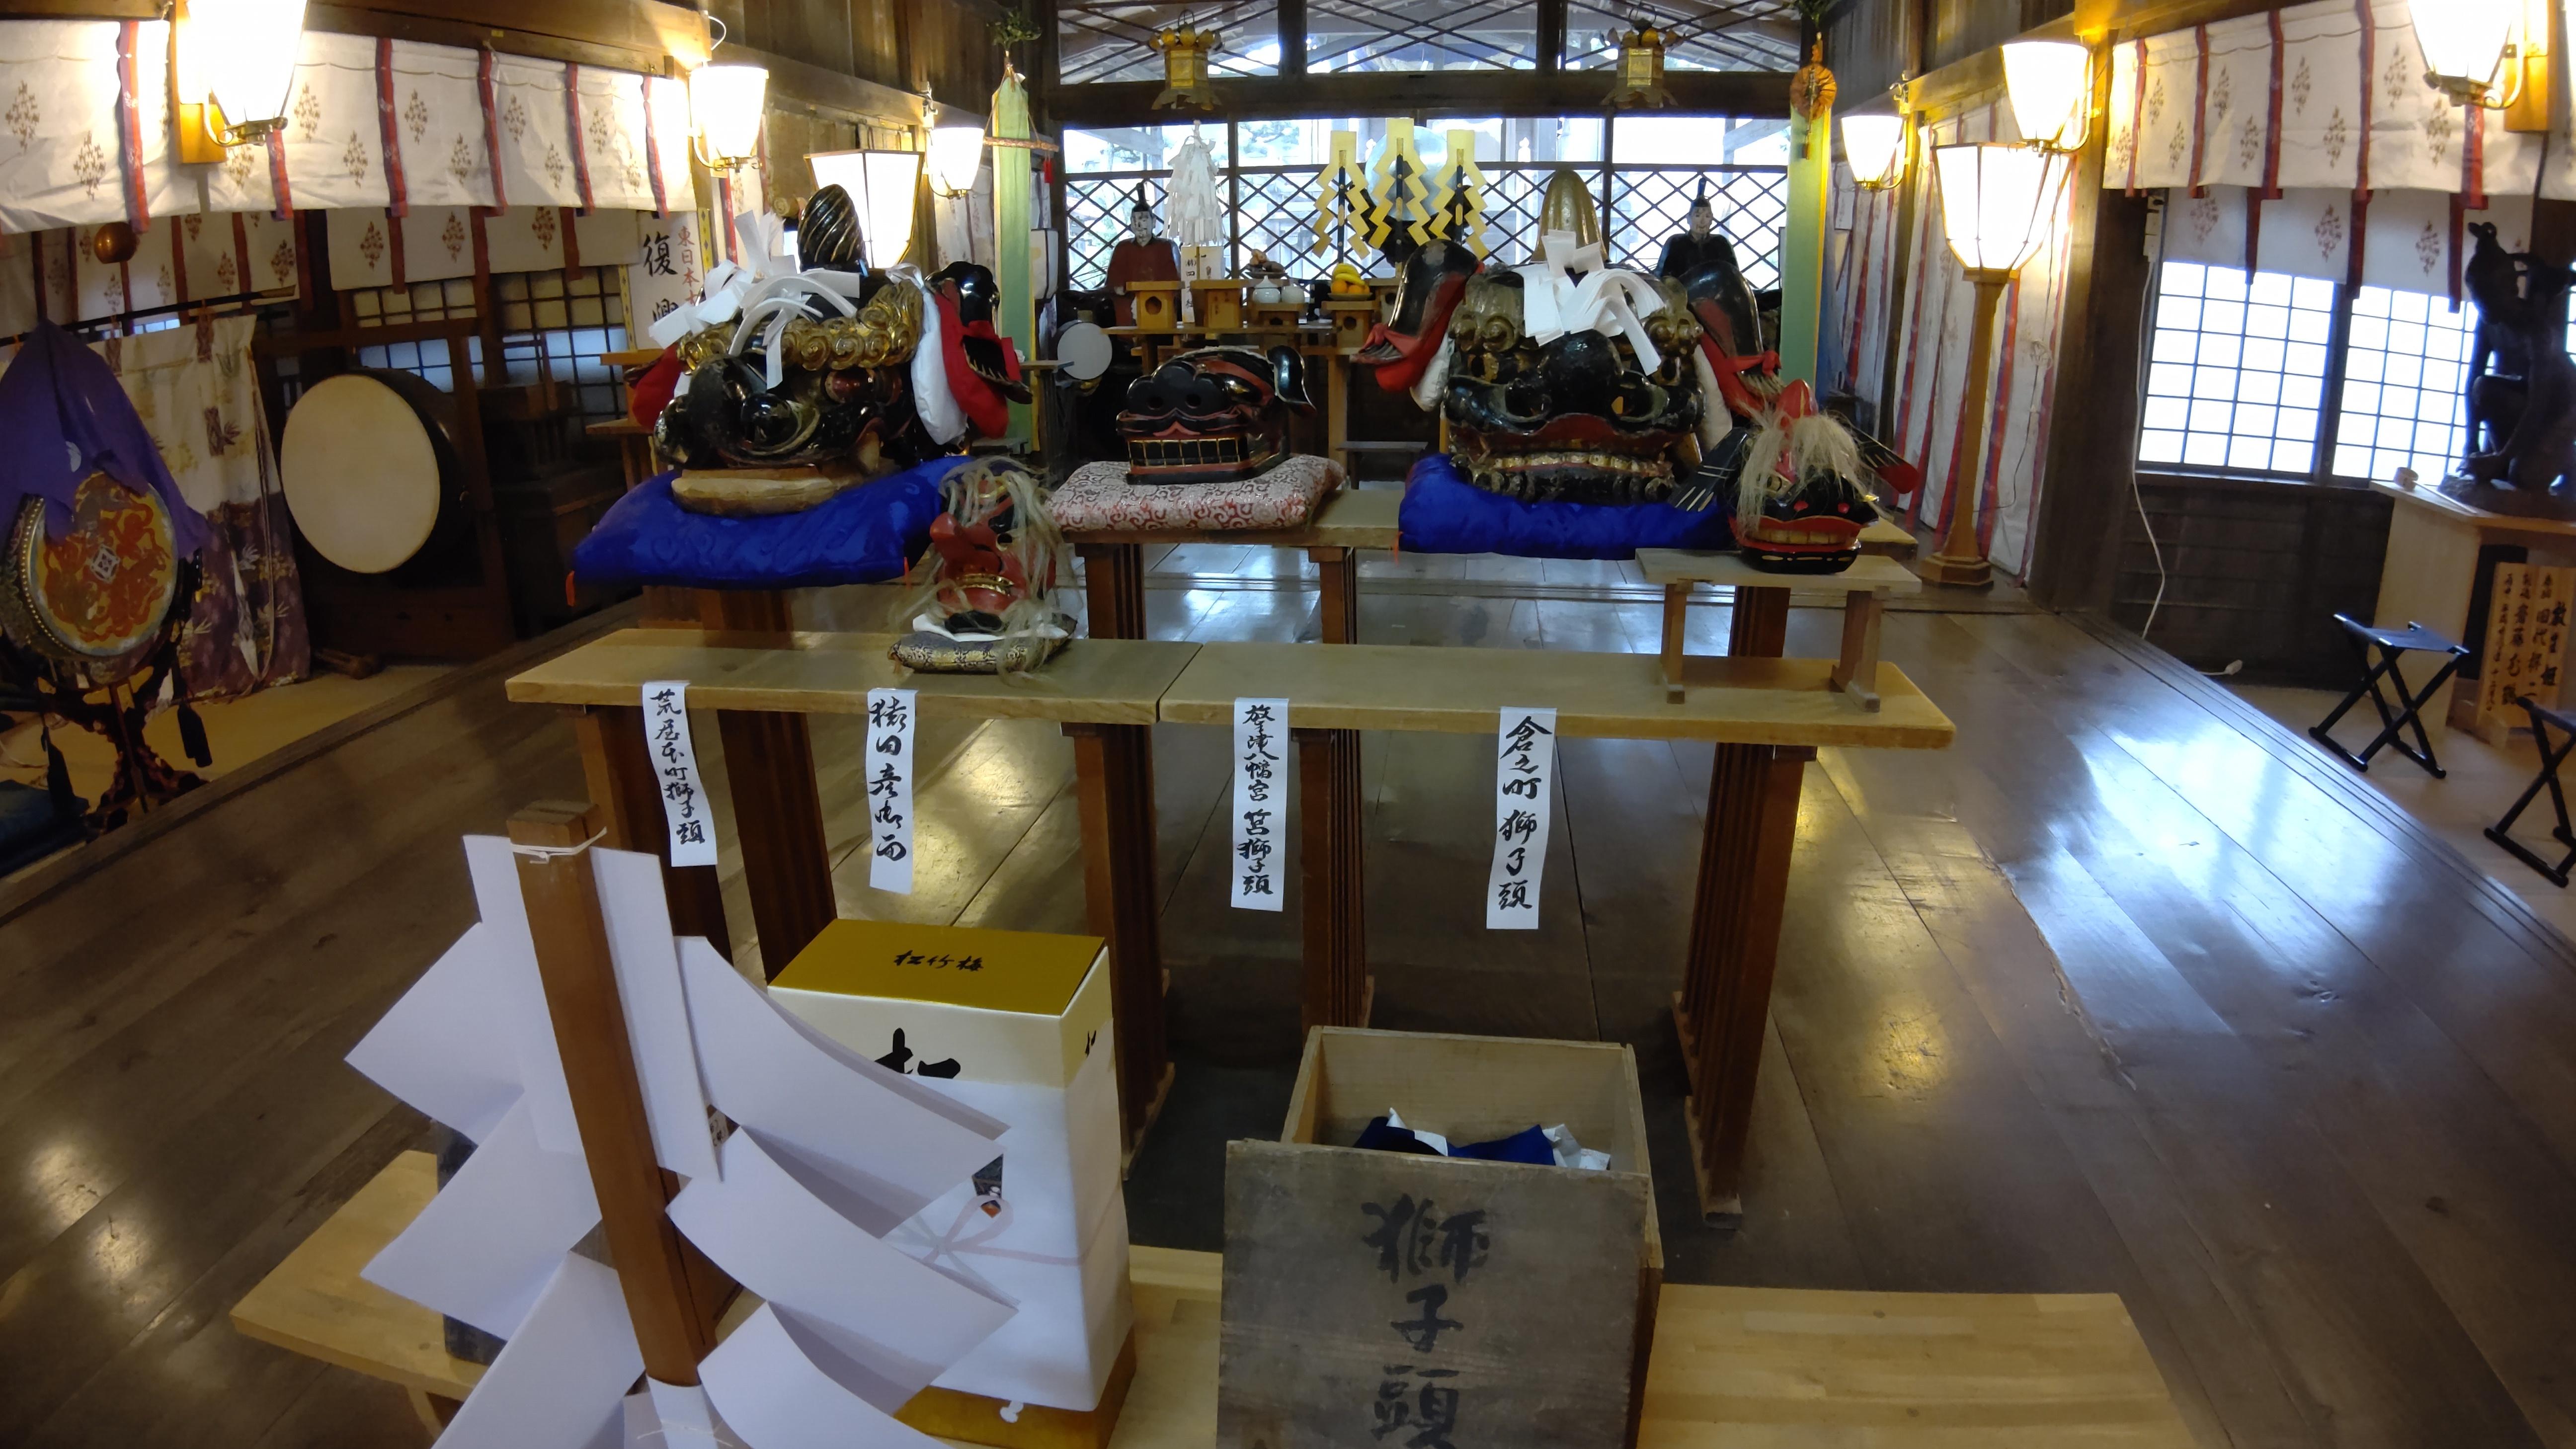 令和2年5月15日 春季祭は規模を縮小し、斎行いたしました。